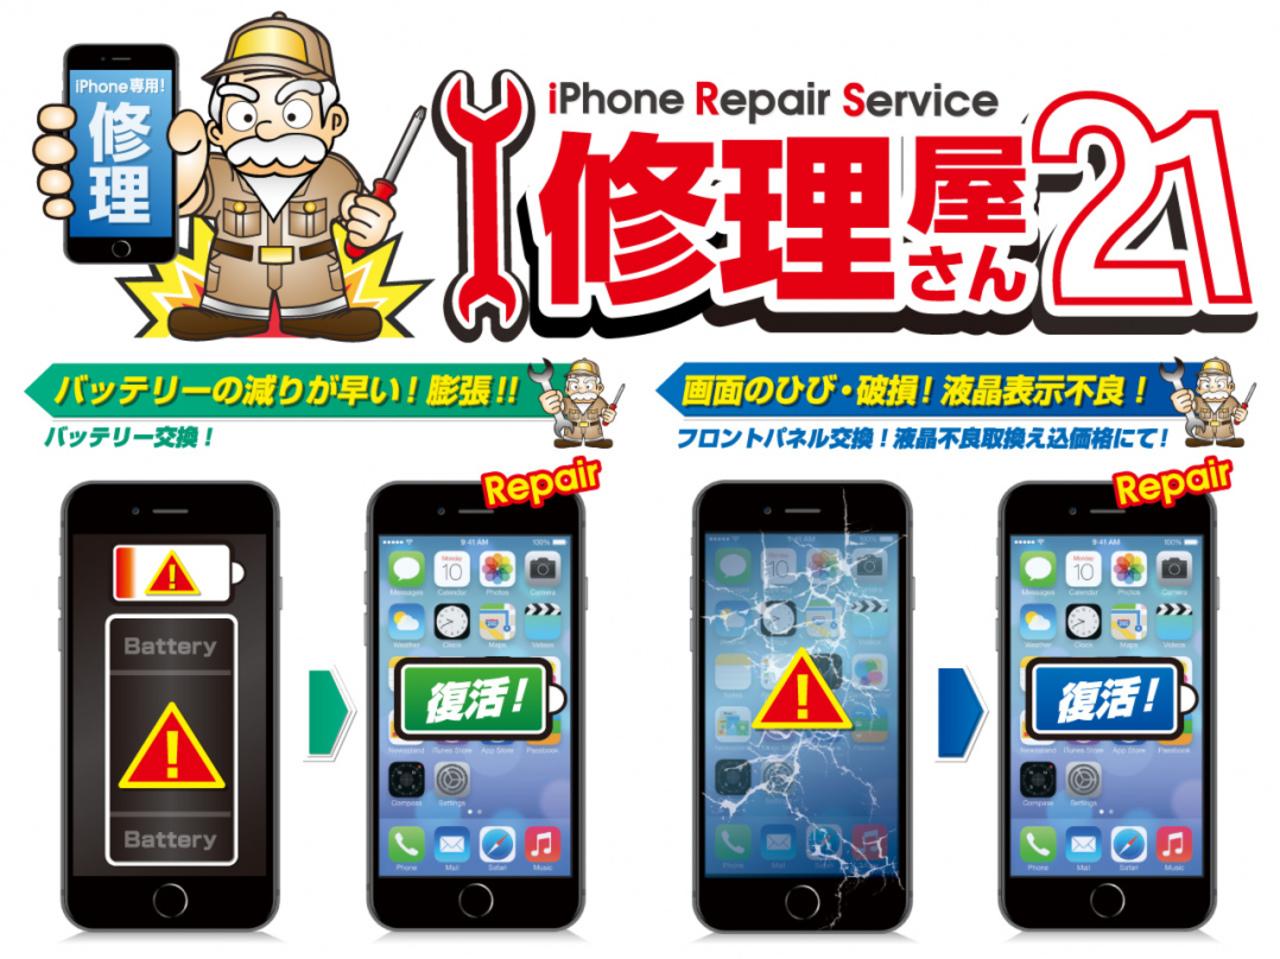 【はんこ屋さん21 沼津店】iPhone修理サービスの受付スタートしました